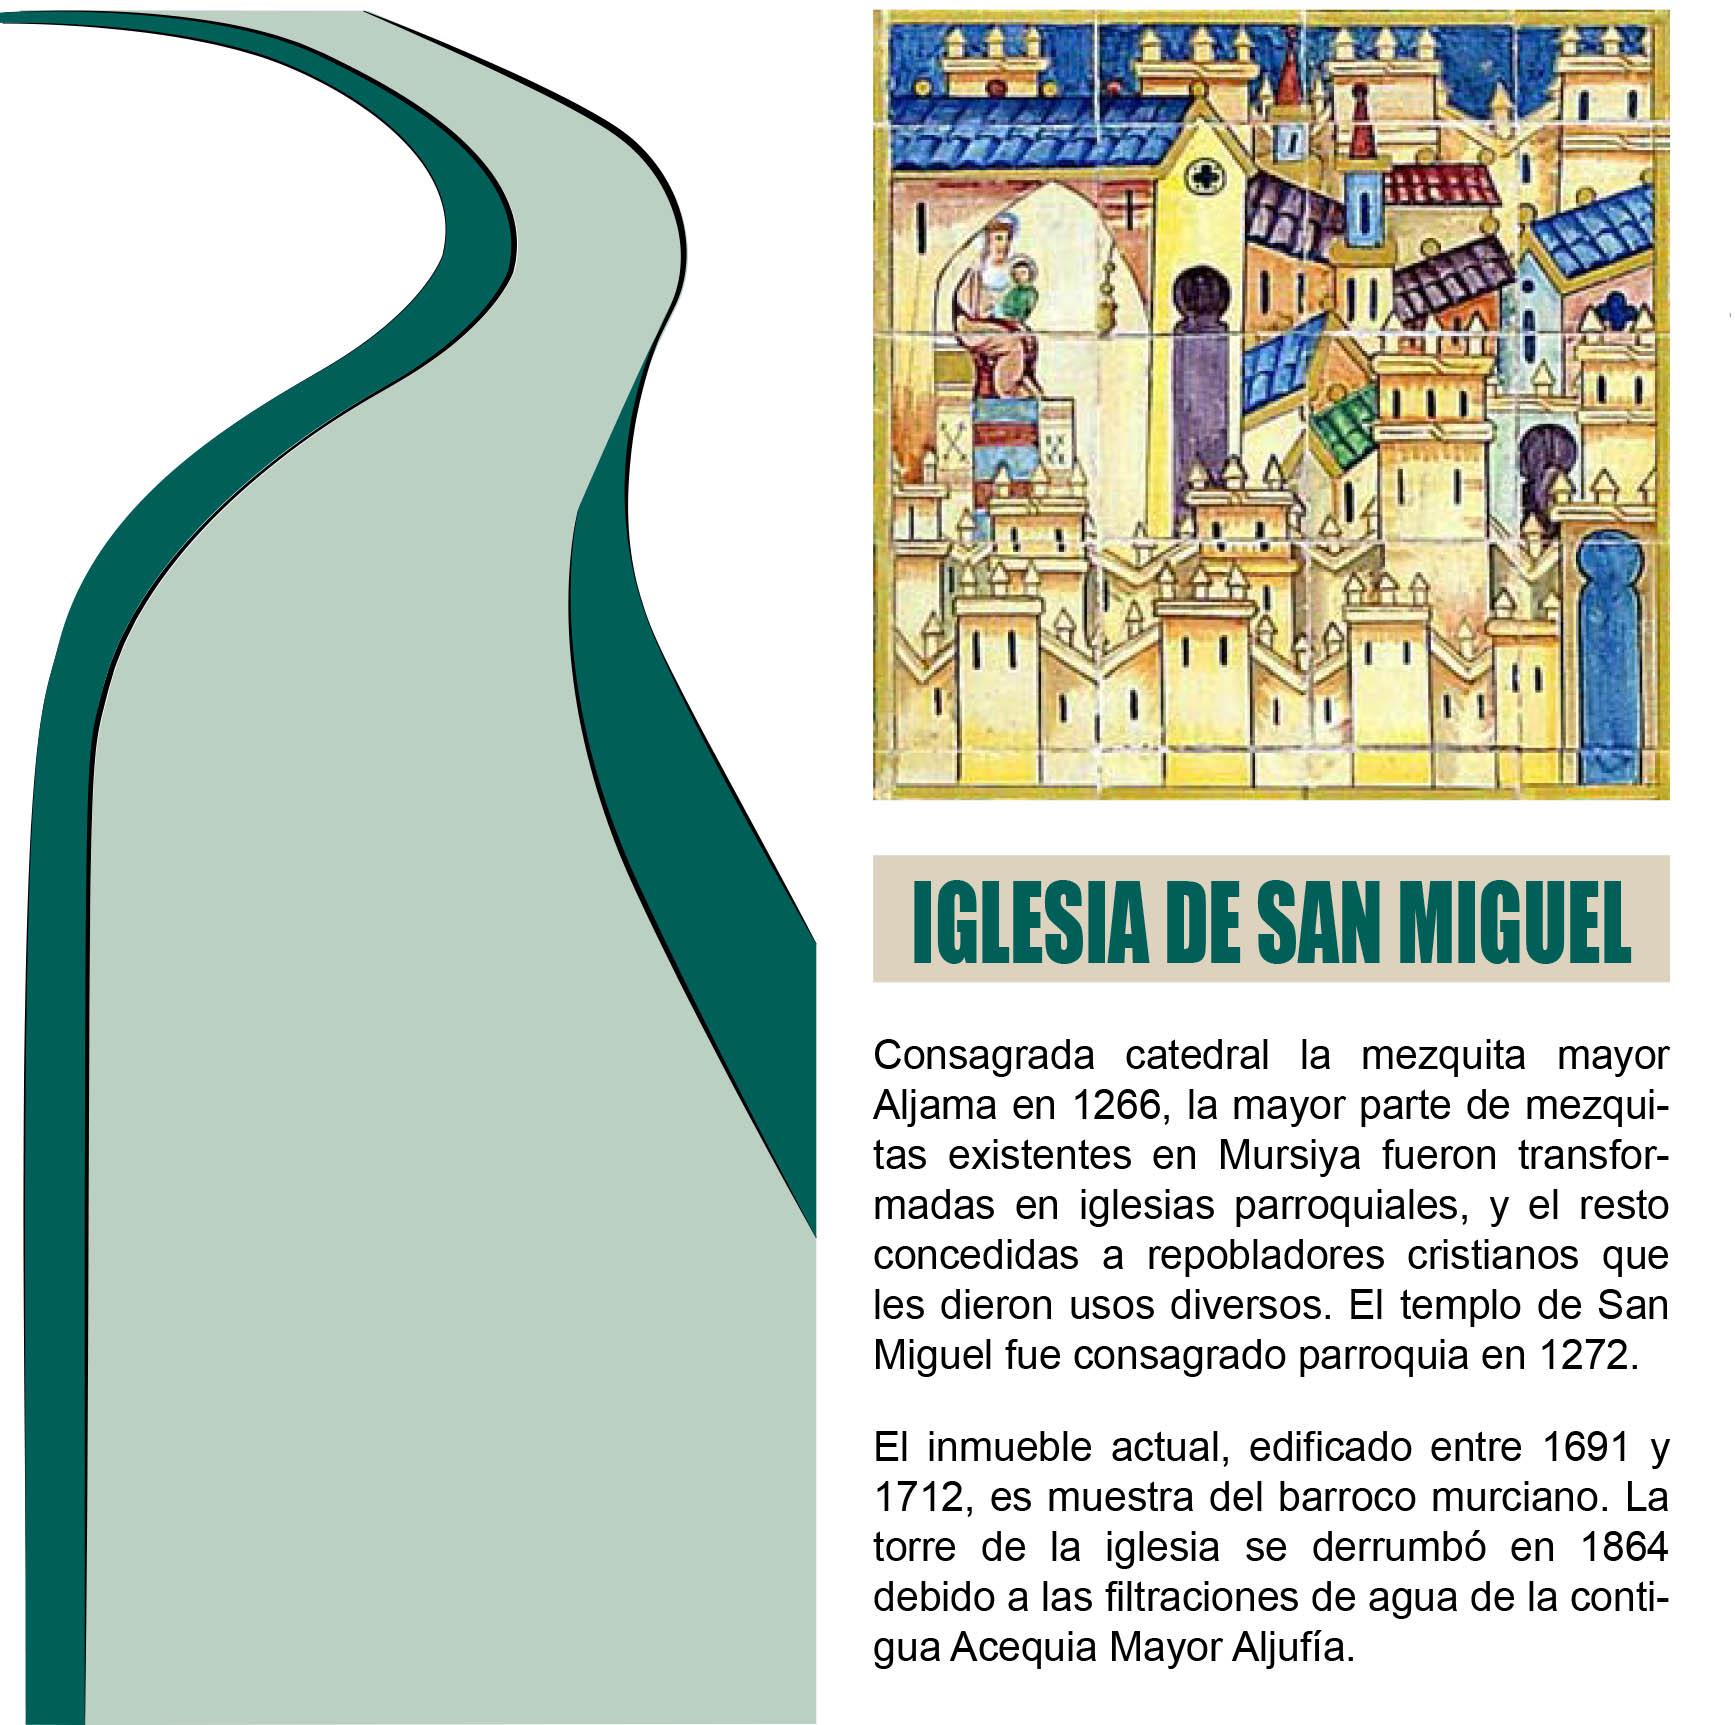 Iglesia de San Miguel Murcia